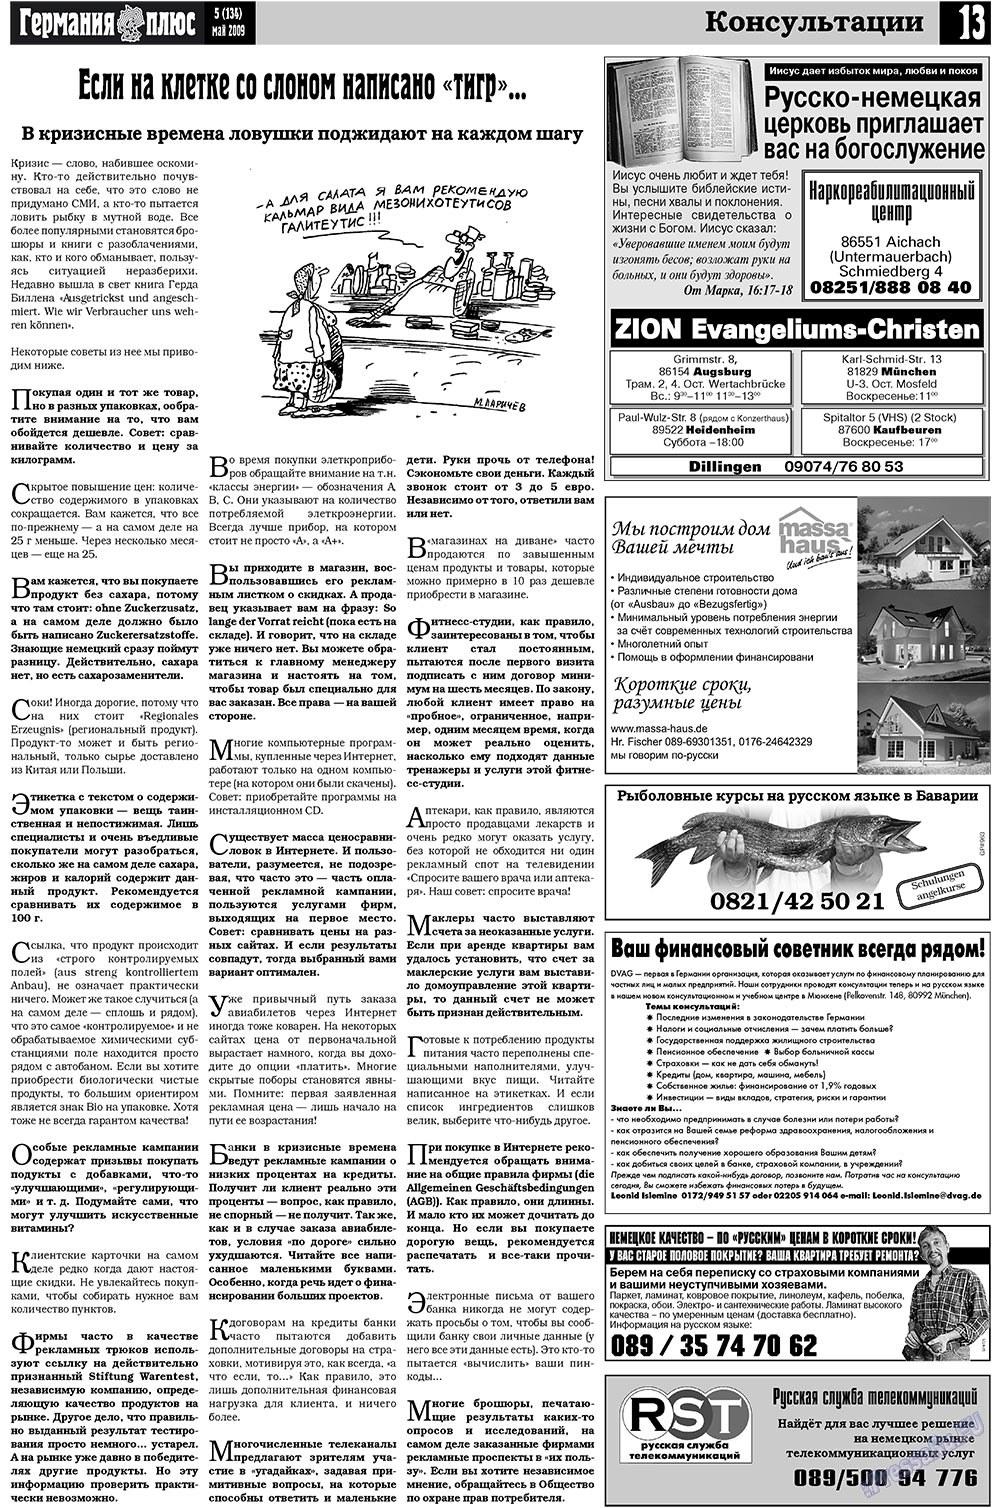 Германия плюс (газета). 2009 год, номер 5, стр. 17